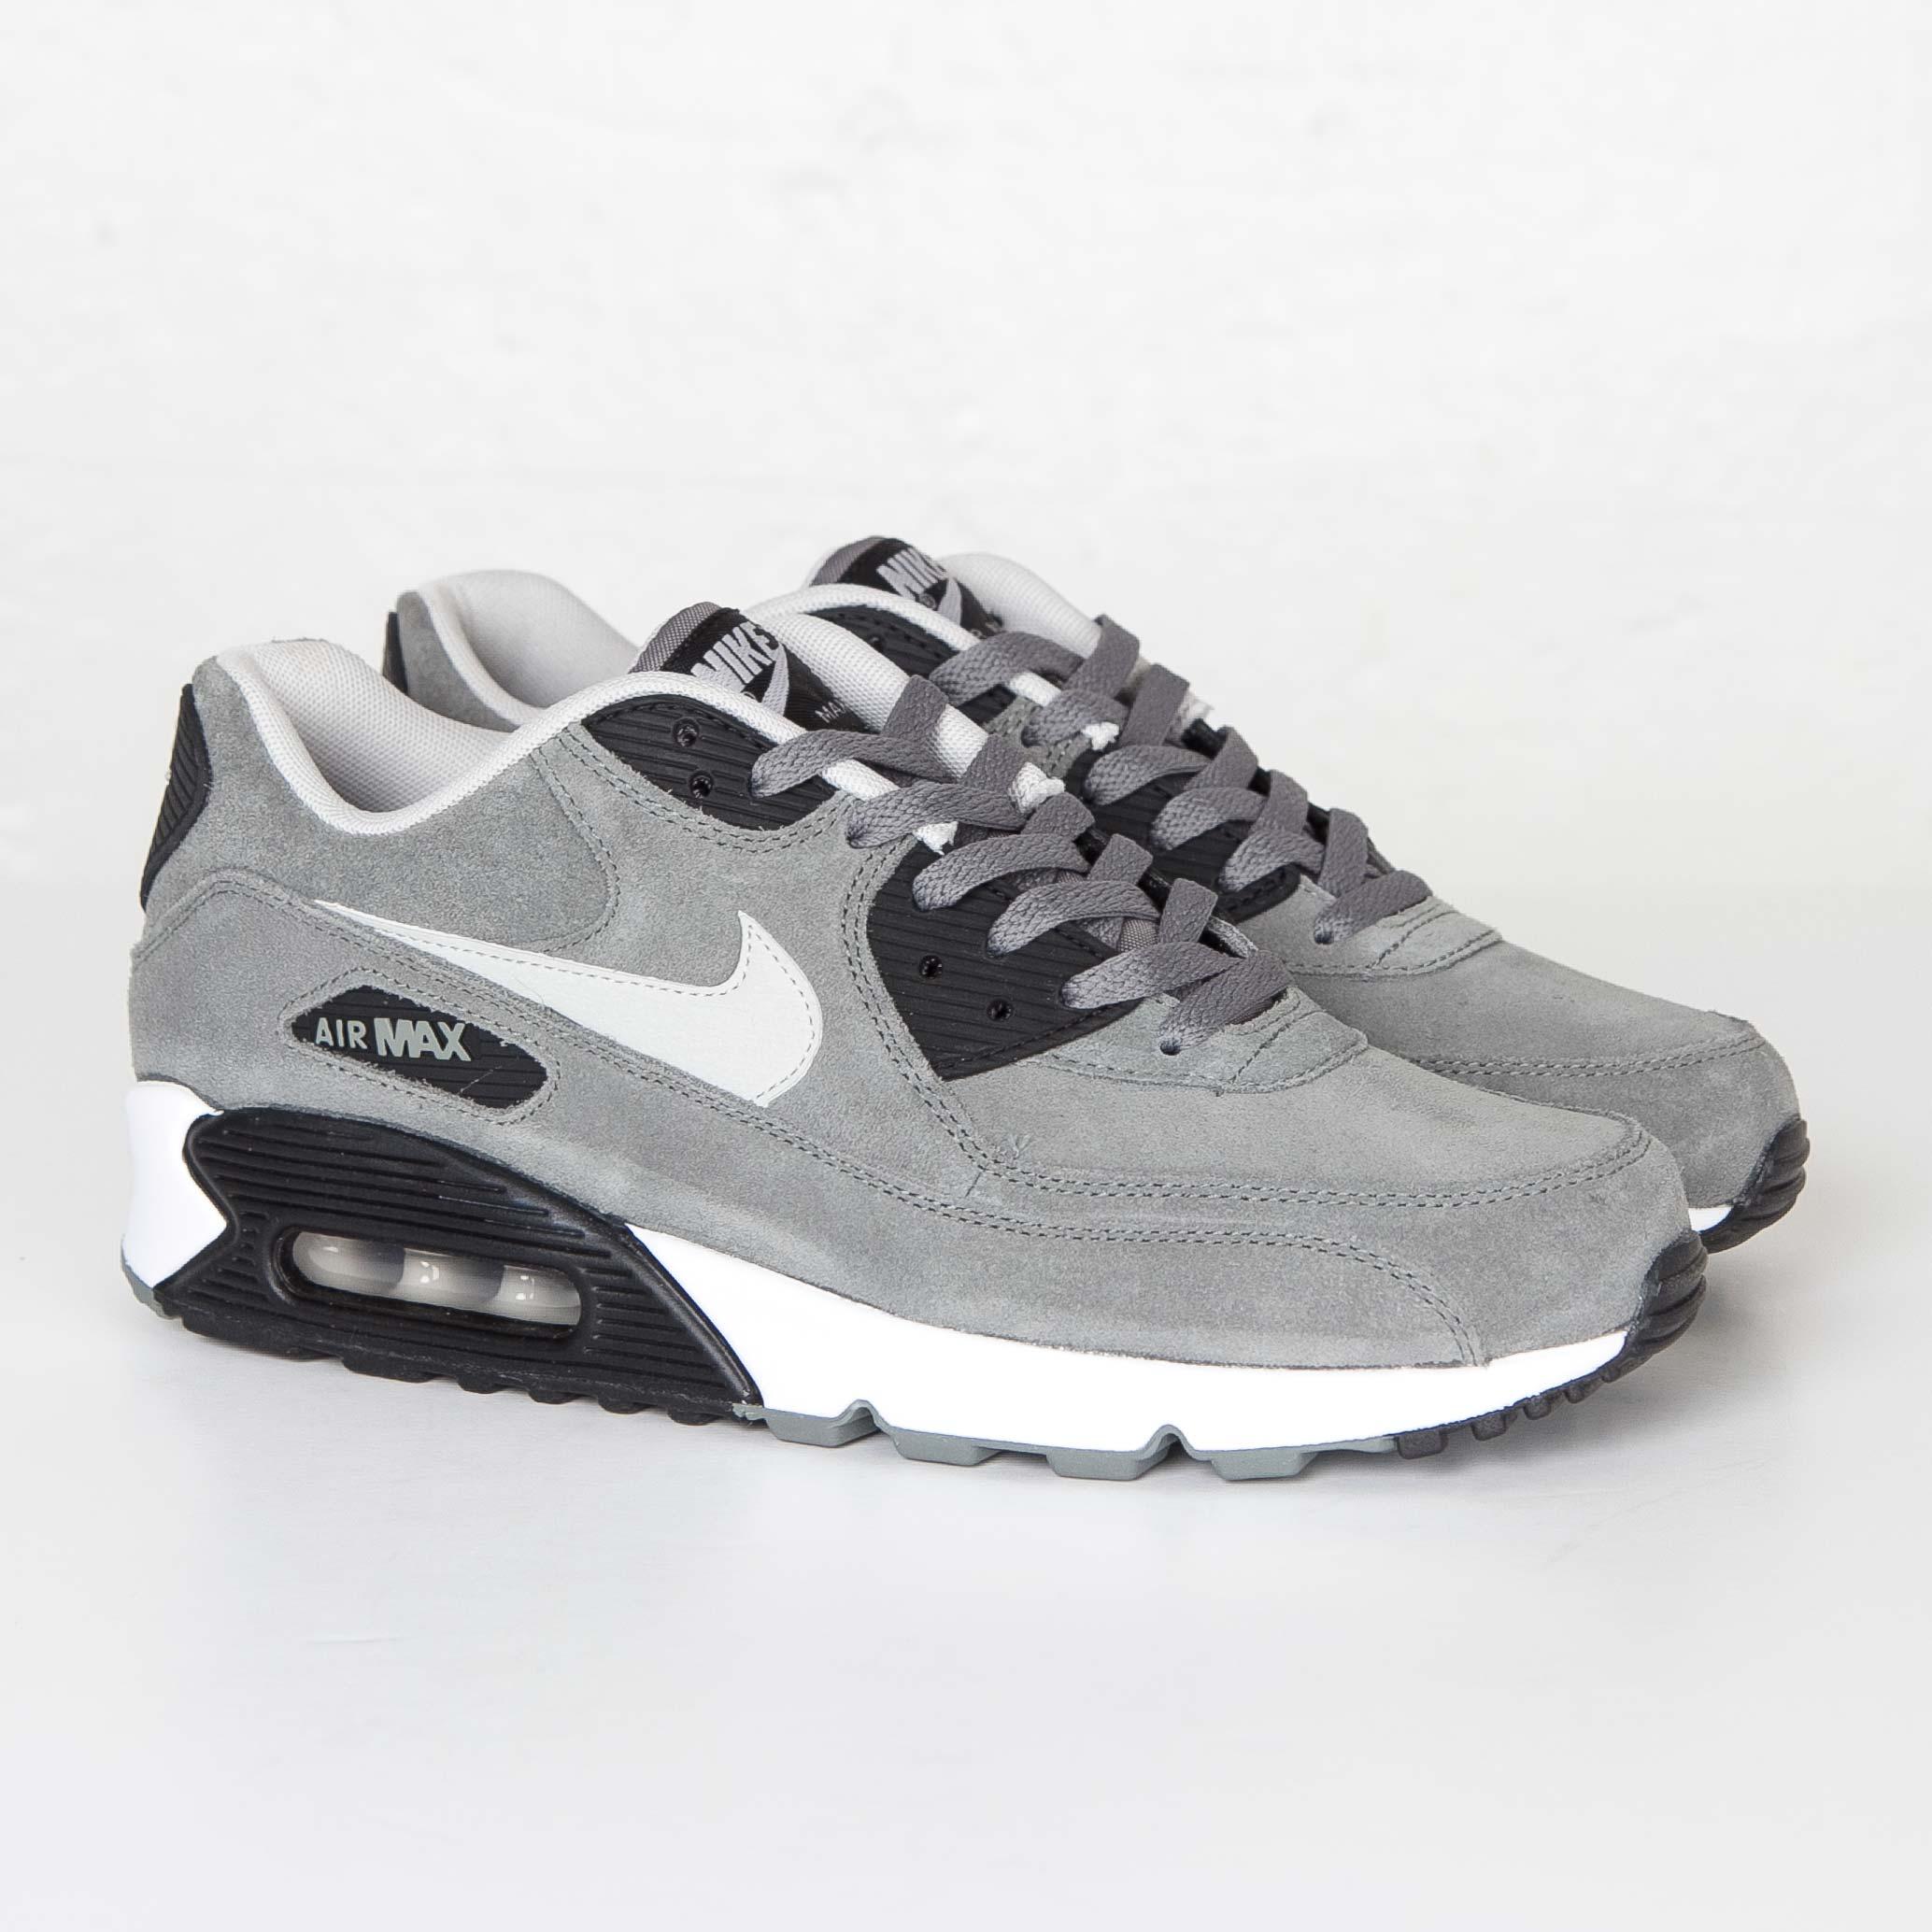 Nike Air Max 90 LTR 652980 013 Sneakersnstuff sneakers  sneakers